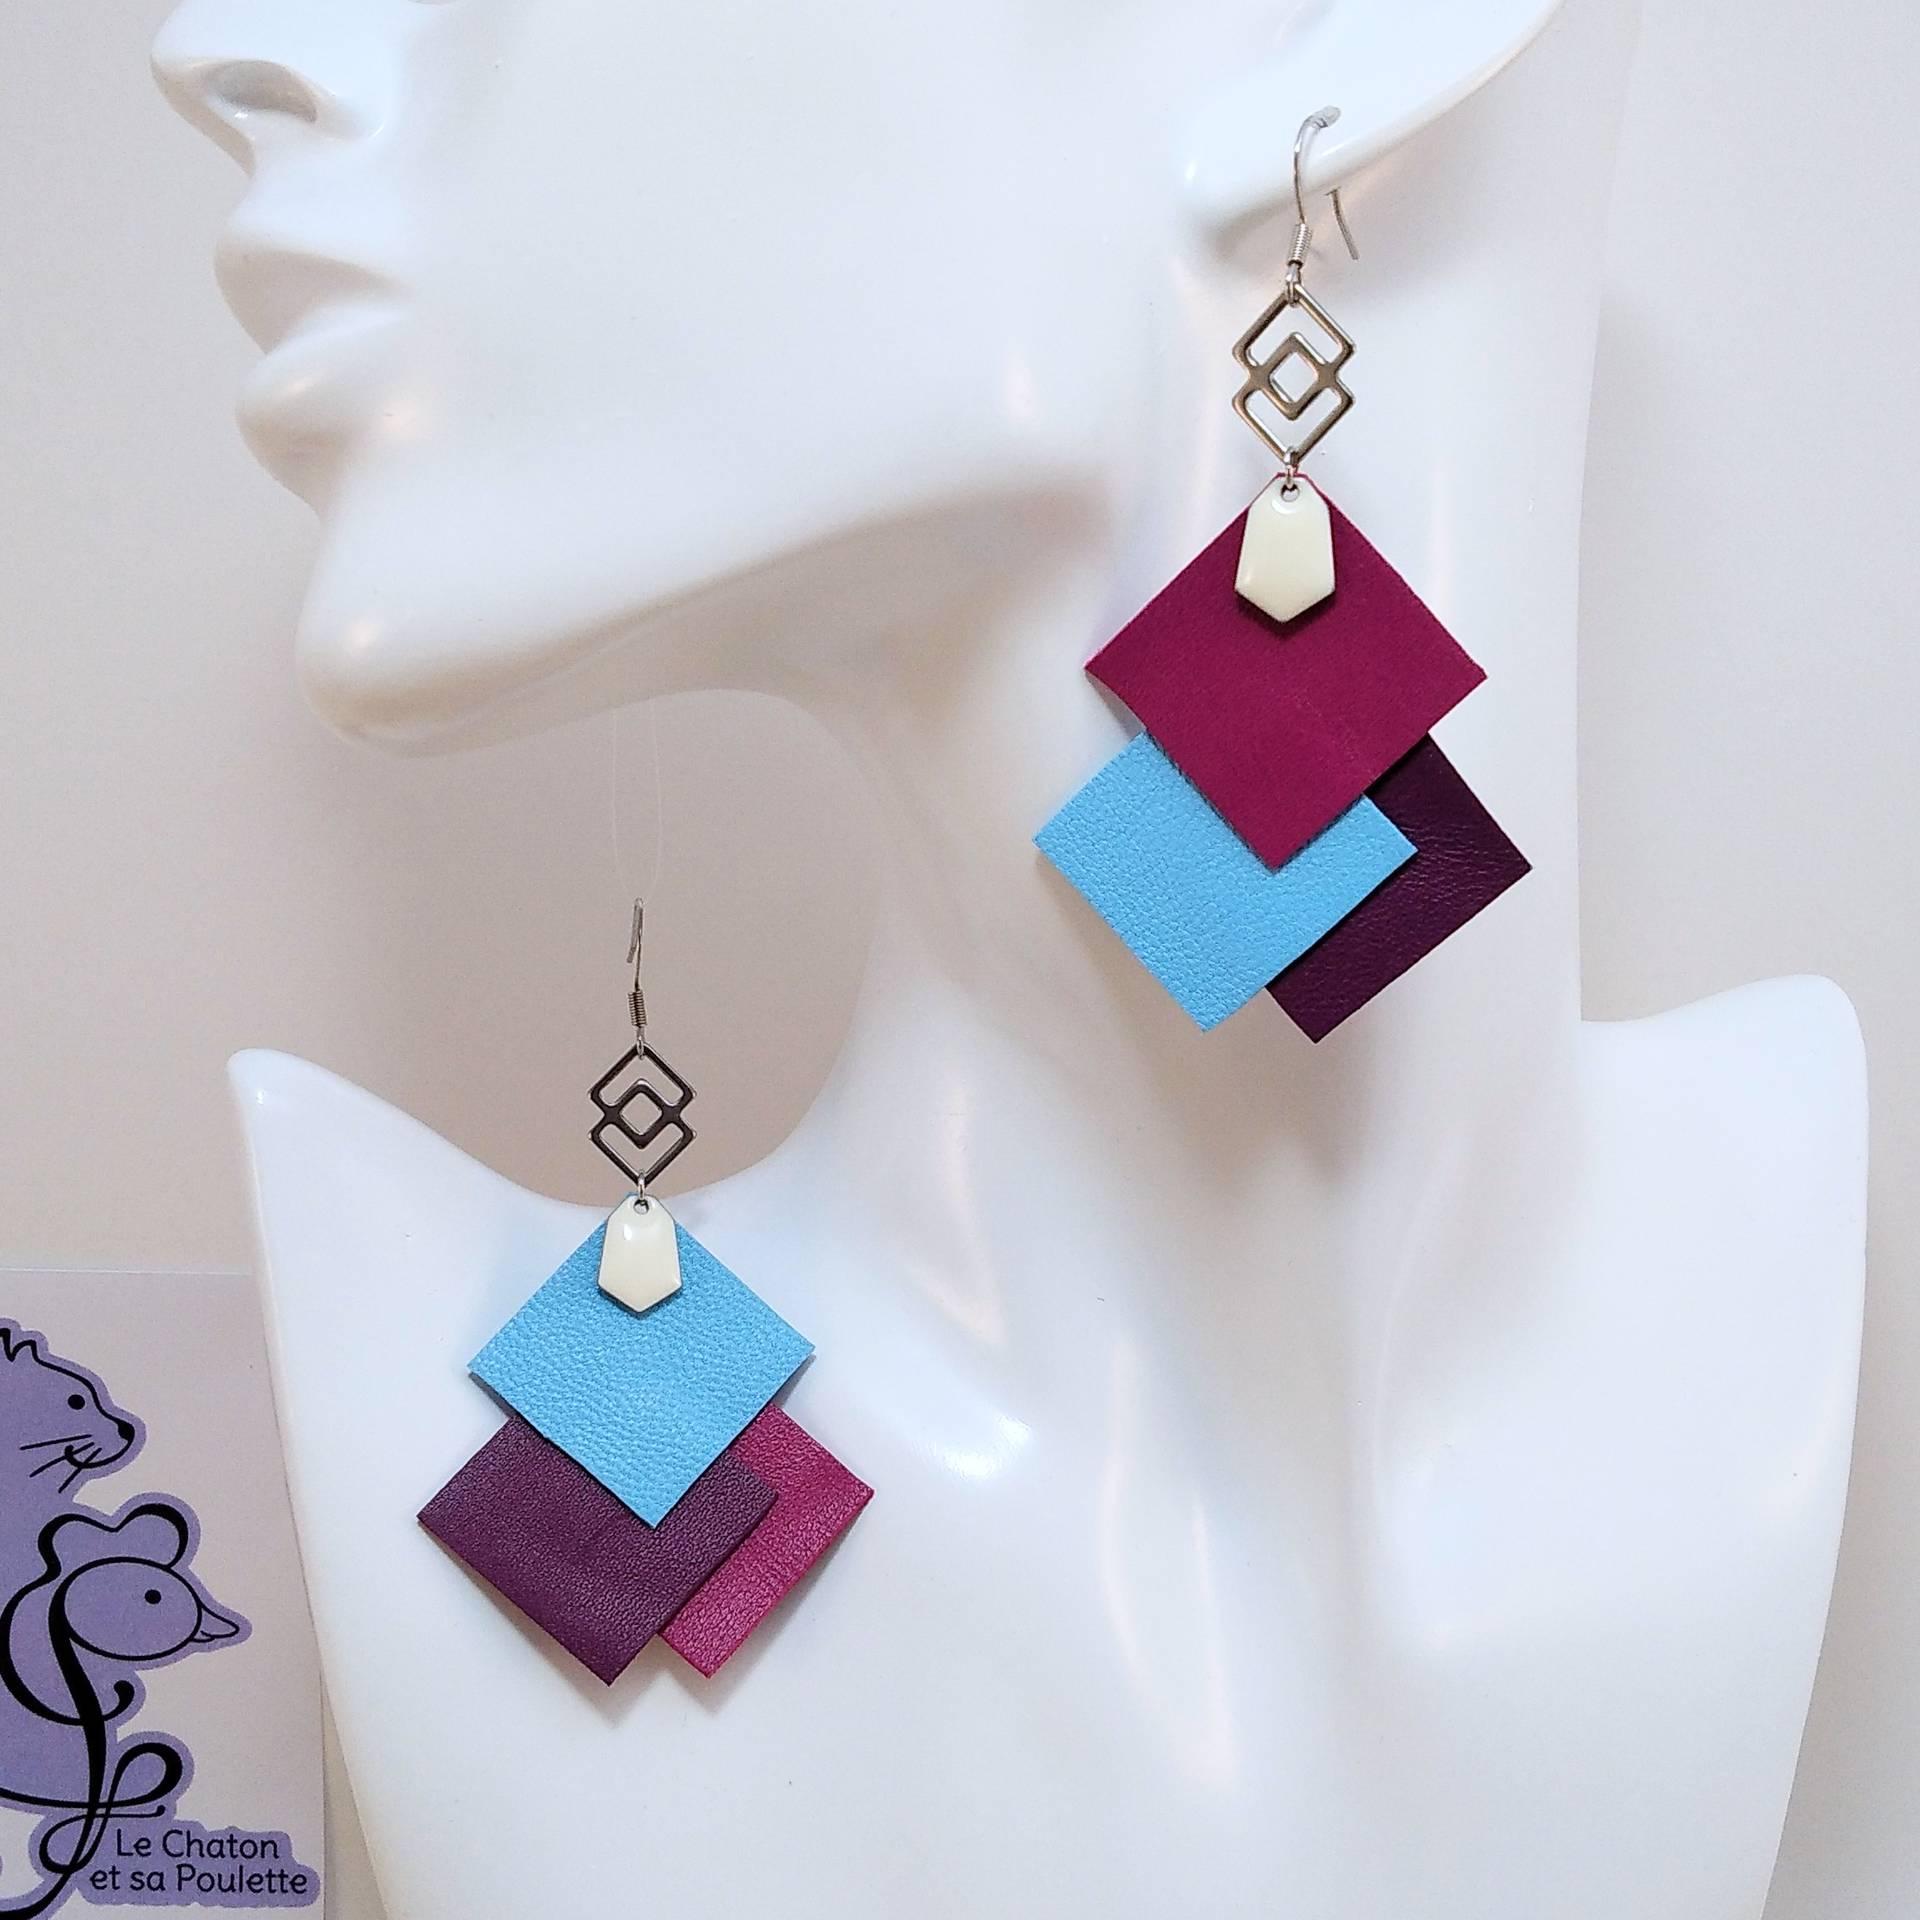 VENDUES ! B.O. FORMIDABLE modèle 6 Cuirs fuchsia/bleu azur/améthyste, breloque inox carrés entrelacés et diamant blanc